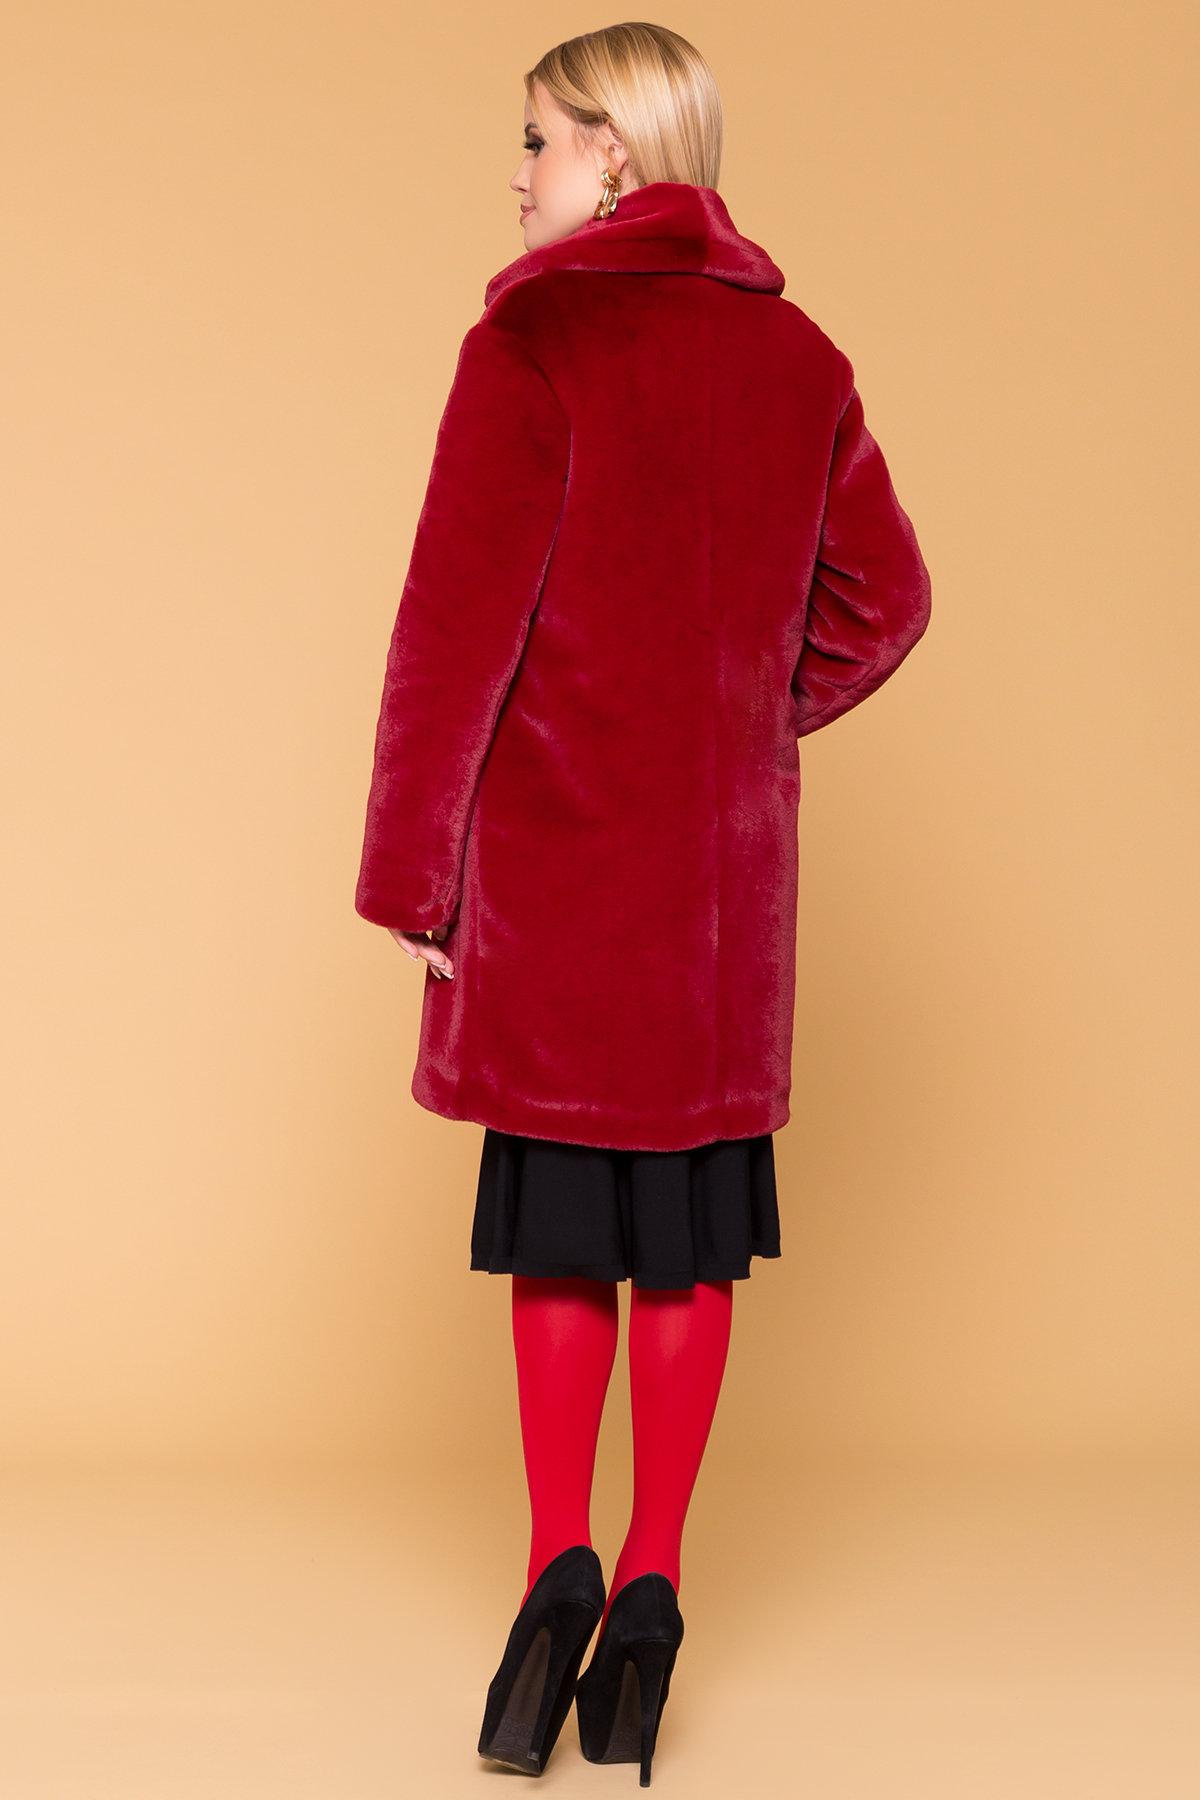 Эко шуба красного цвета Субира 4287 АРТ. 20758 Цвет: Марсала - фото 2, интернет магазин tm-modus.ru